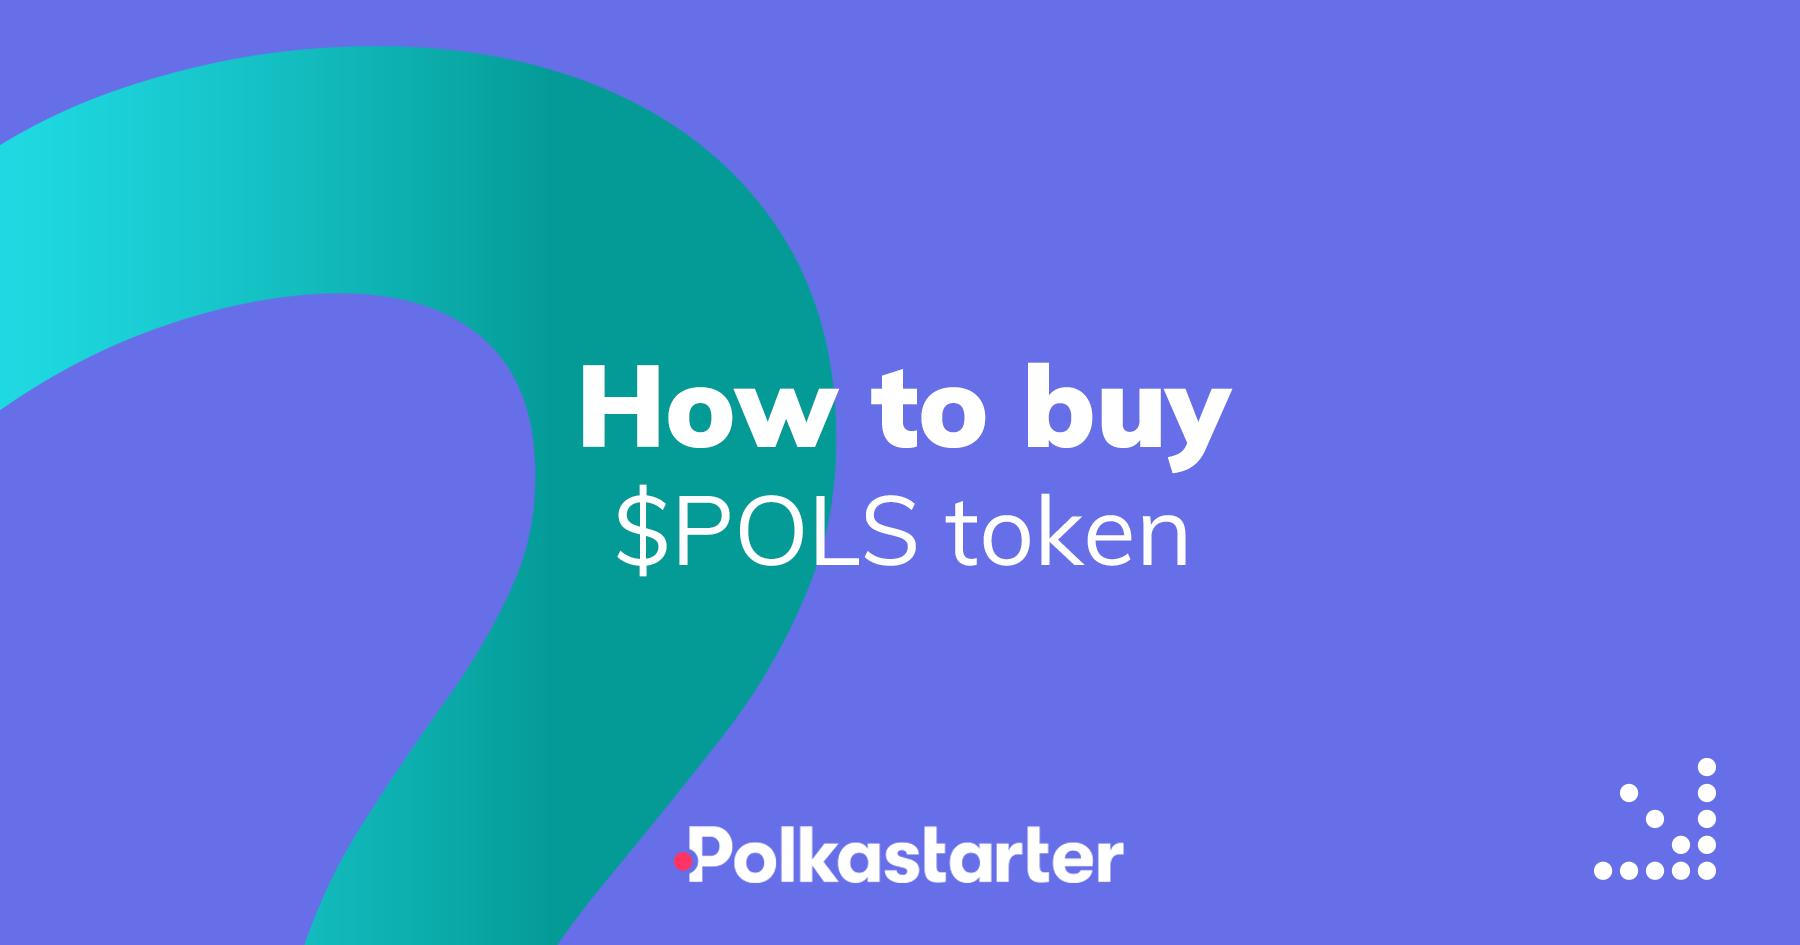 [PolkaStarter] How to buy the Polkastarter $POLS token - AZCoin News